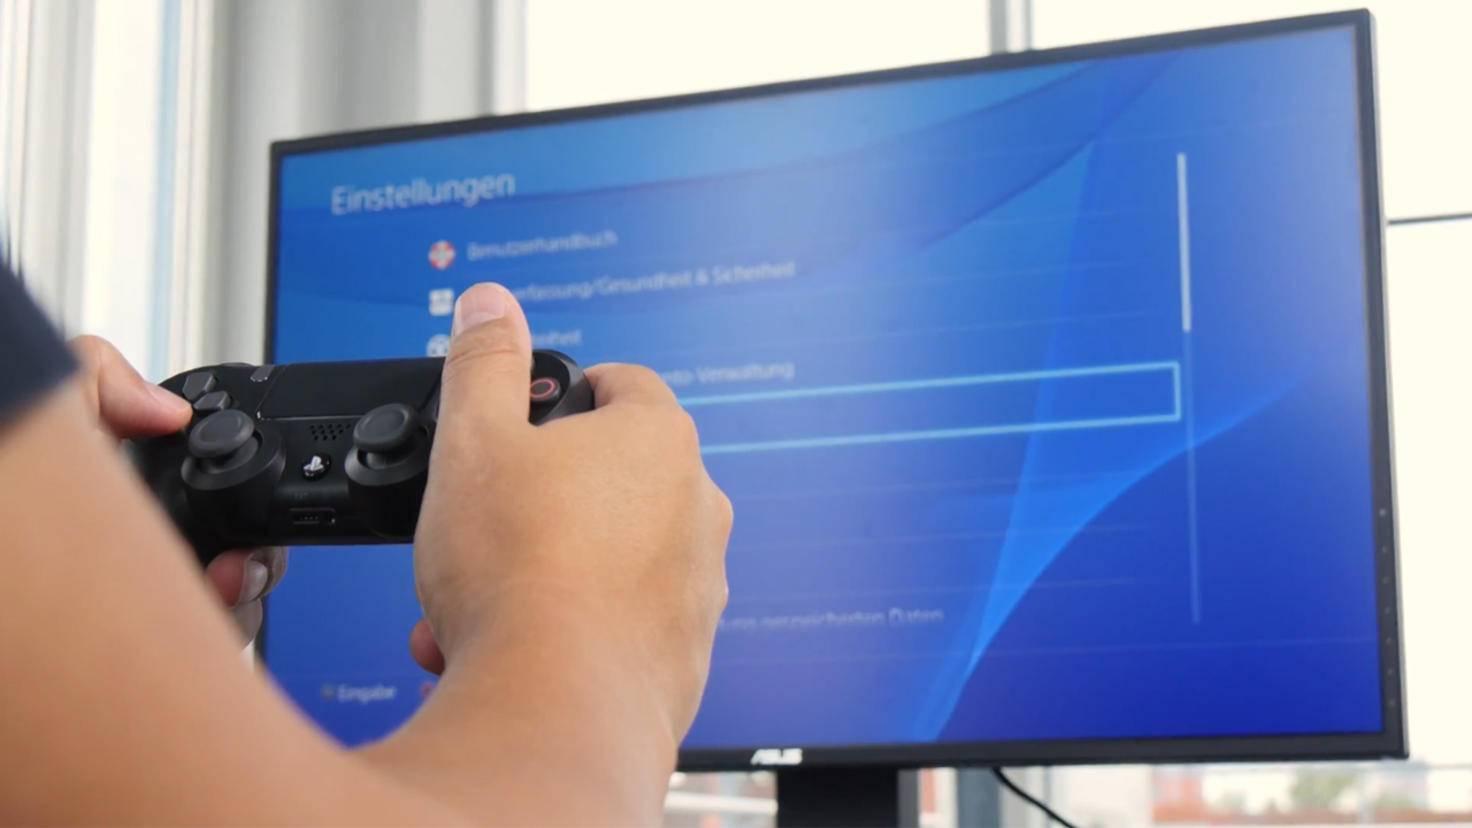 Über das Einstellungen-Menü der PS4 kannst Du Deine Spielstände sichern und übertragen.